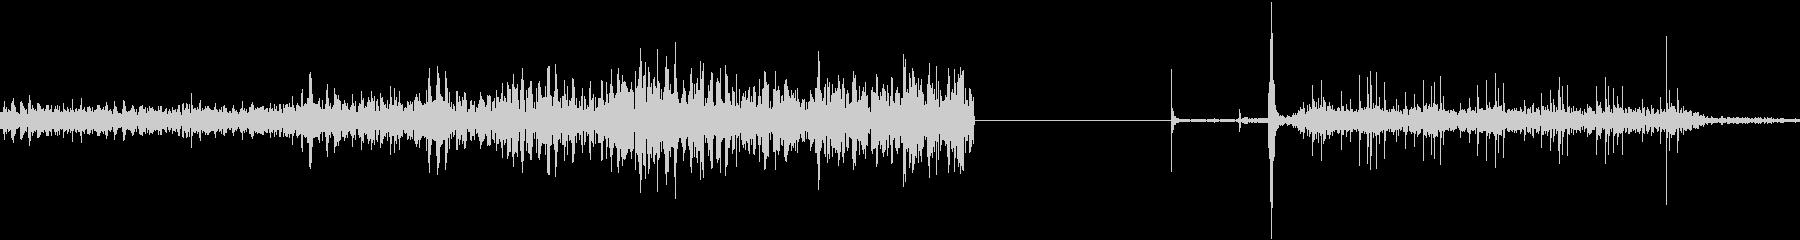 ペイントミキサーモーター:シェイク...の未再生の波形